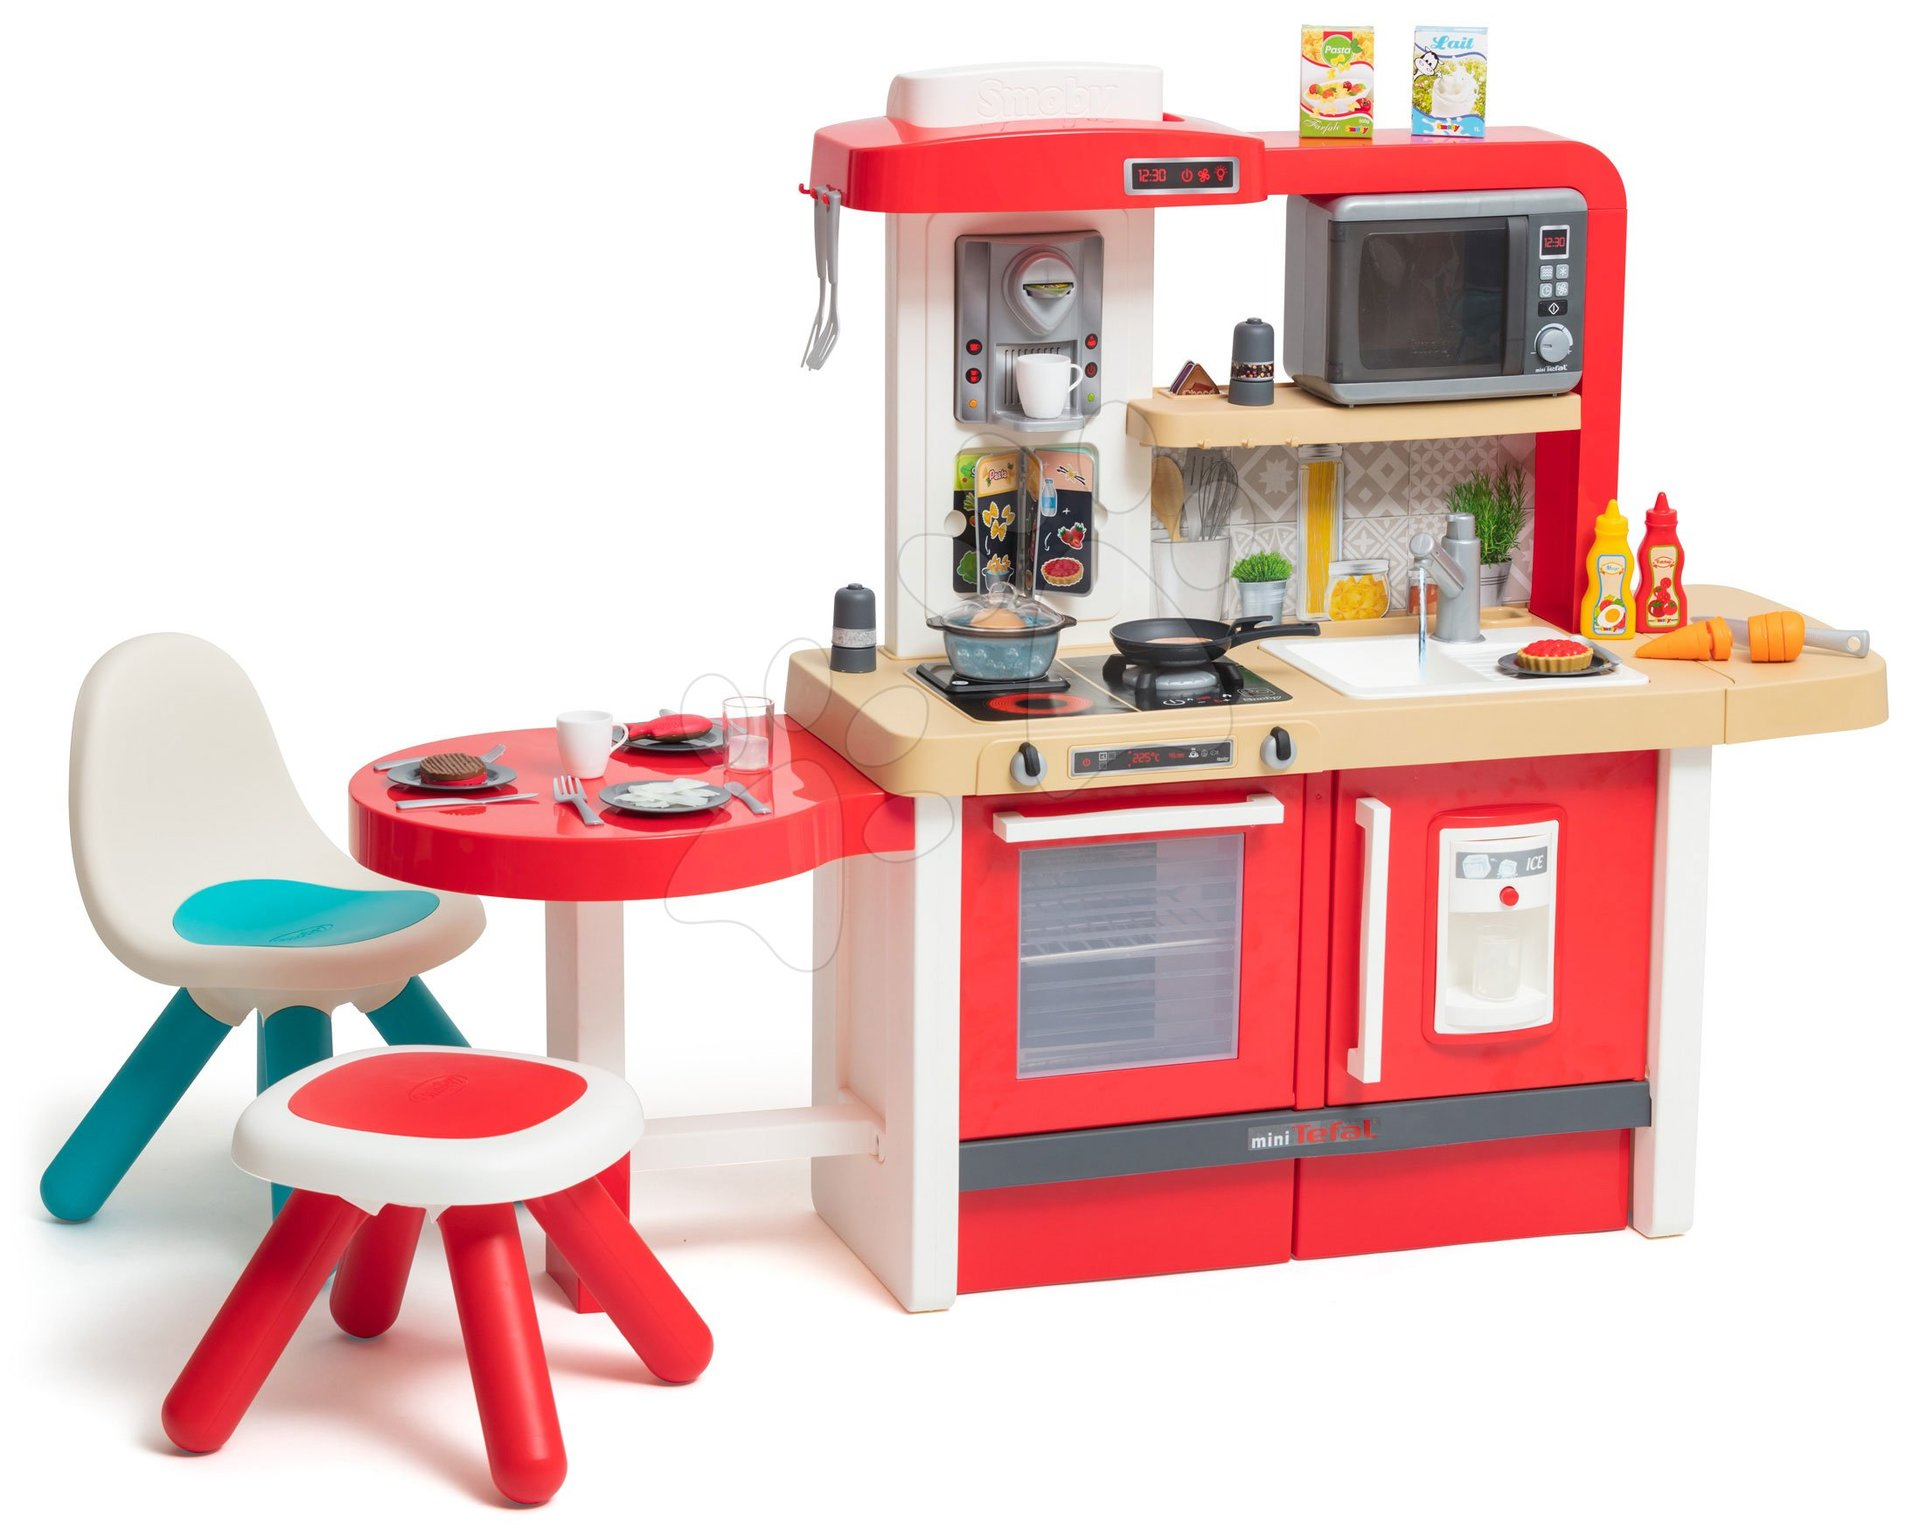 Kuchyňka rostoucí s tekoucí vodou a mikrovlnkou Tefal Evolutive Gourment Smoby se židlí a stolečkem